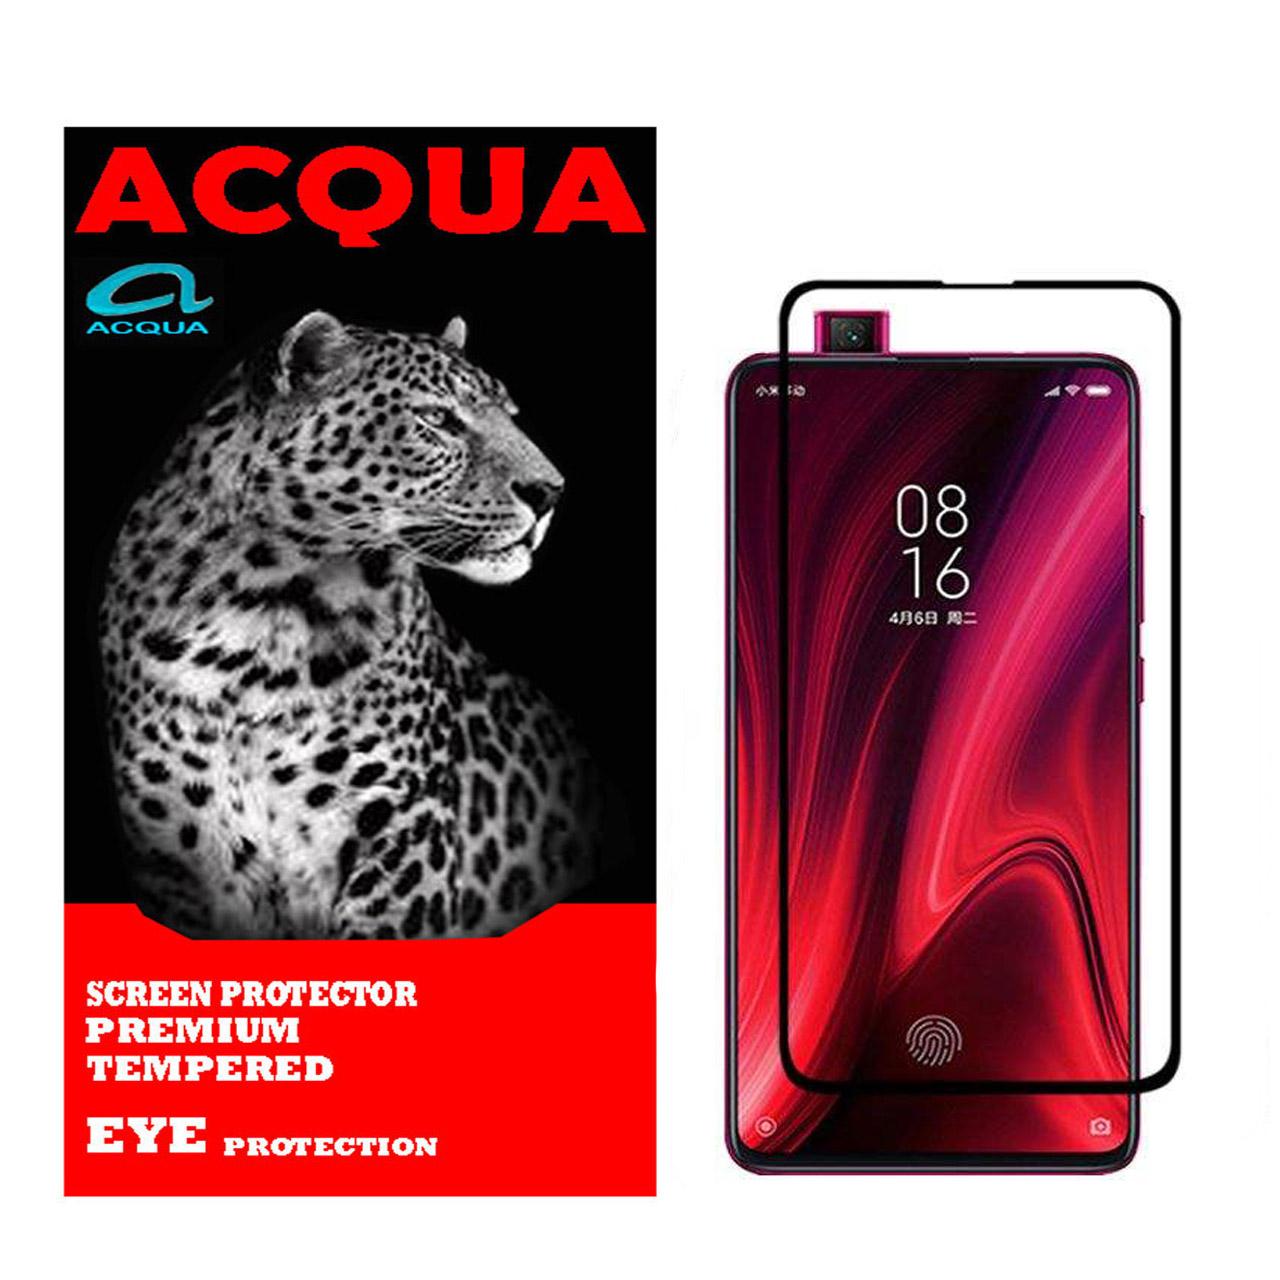 محافظ صفحه نمایش آکوا مدل SH مناسب برای گوشی موبایل شیائومی MI 9T PRO